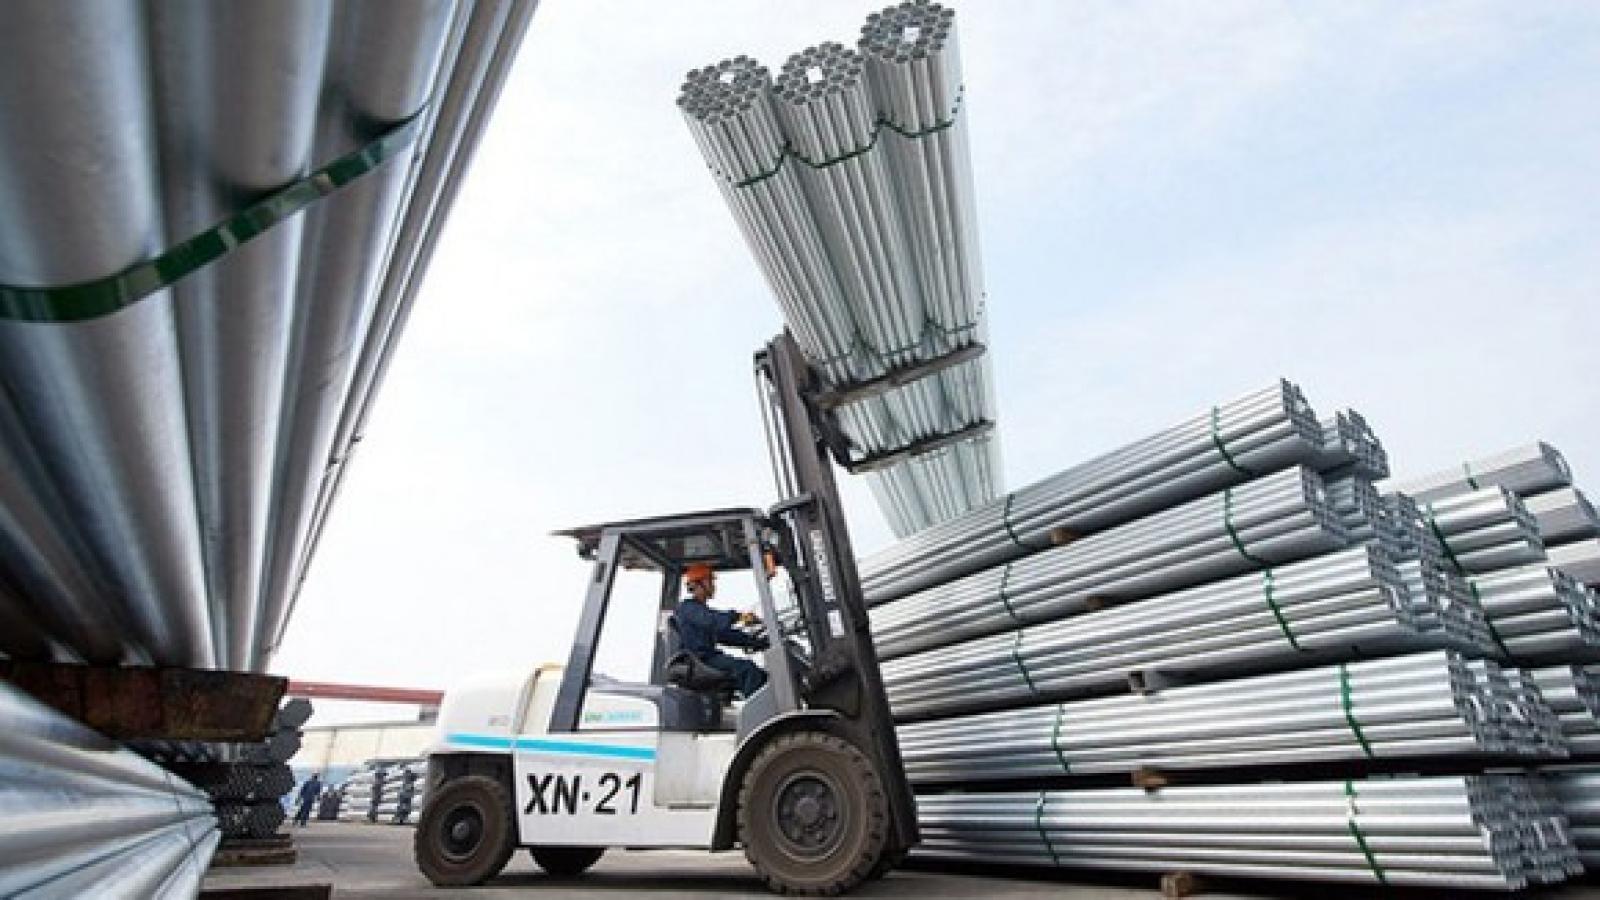 Quản lý xuất, nhập khẩu mặt hàng chiến lược để đảm bảo sản xuất và tiêu dùng trong nước